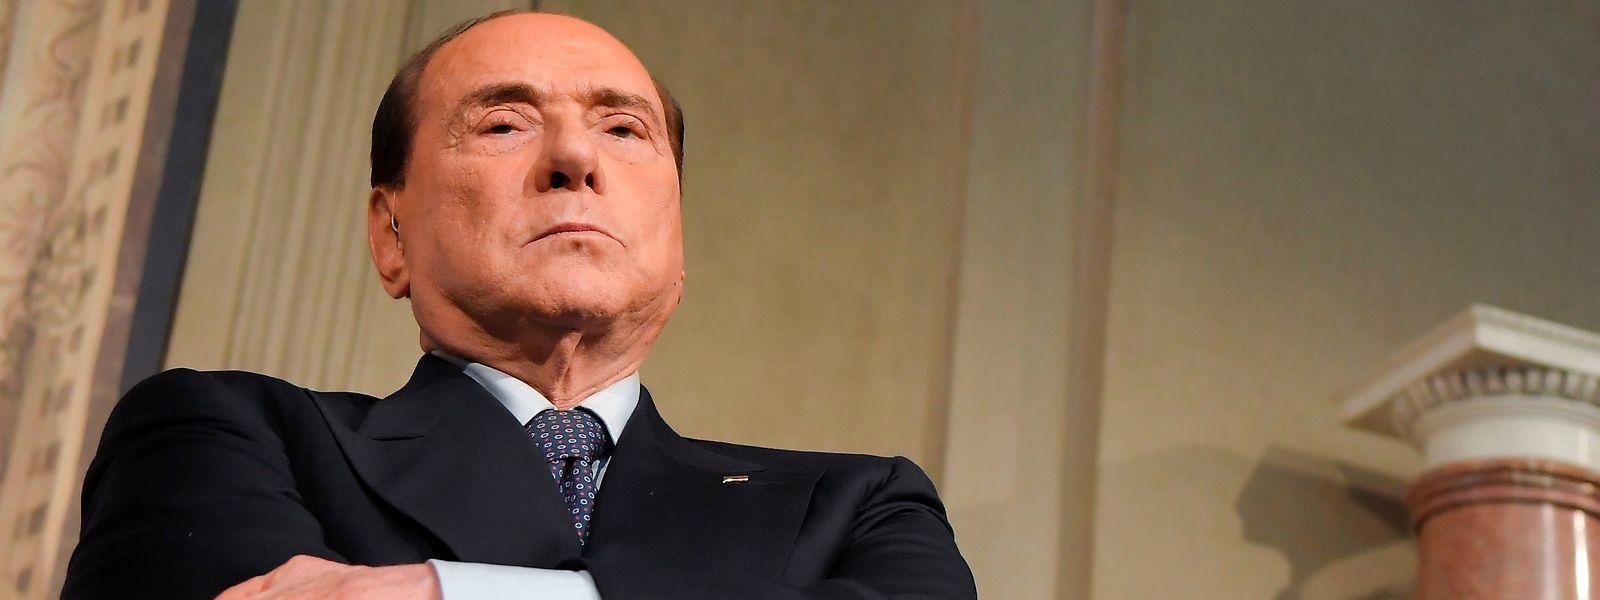 Silvio Berlusconi muss die nächste Zeit in Heimquarantäne verbringen.